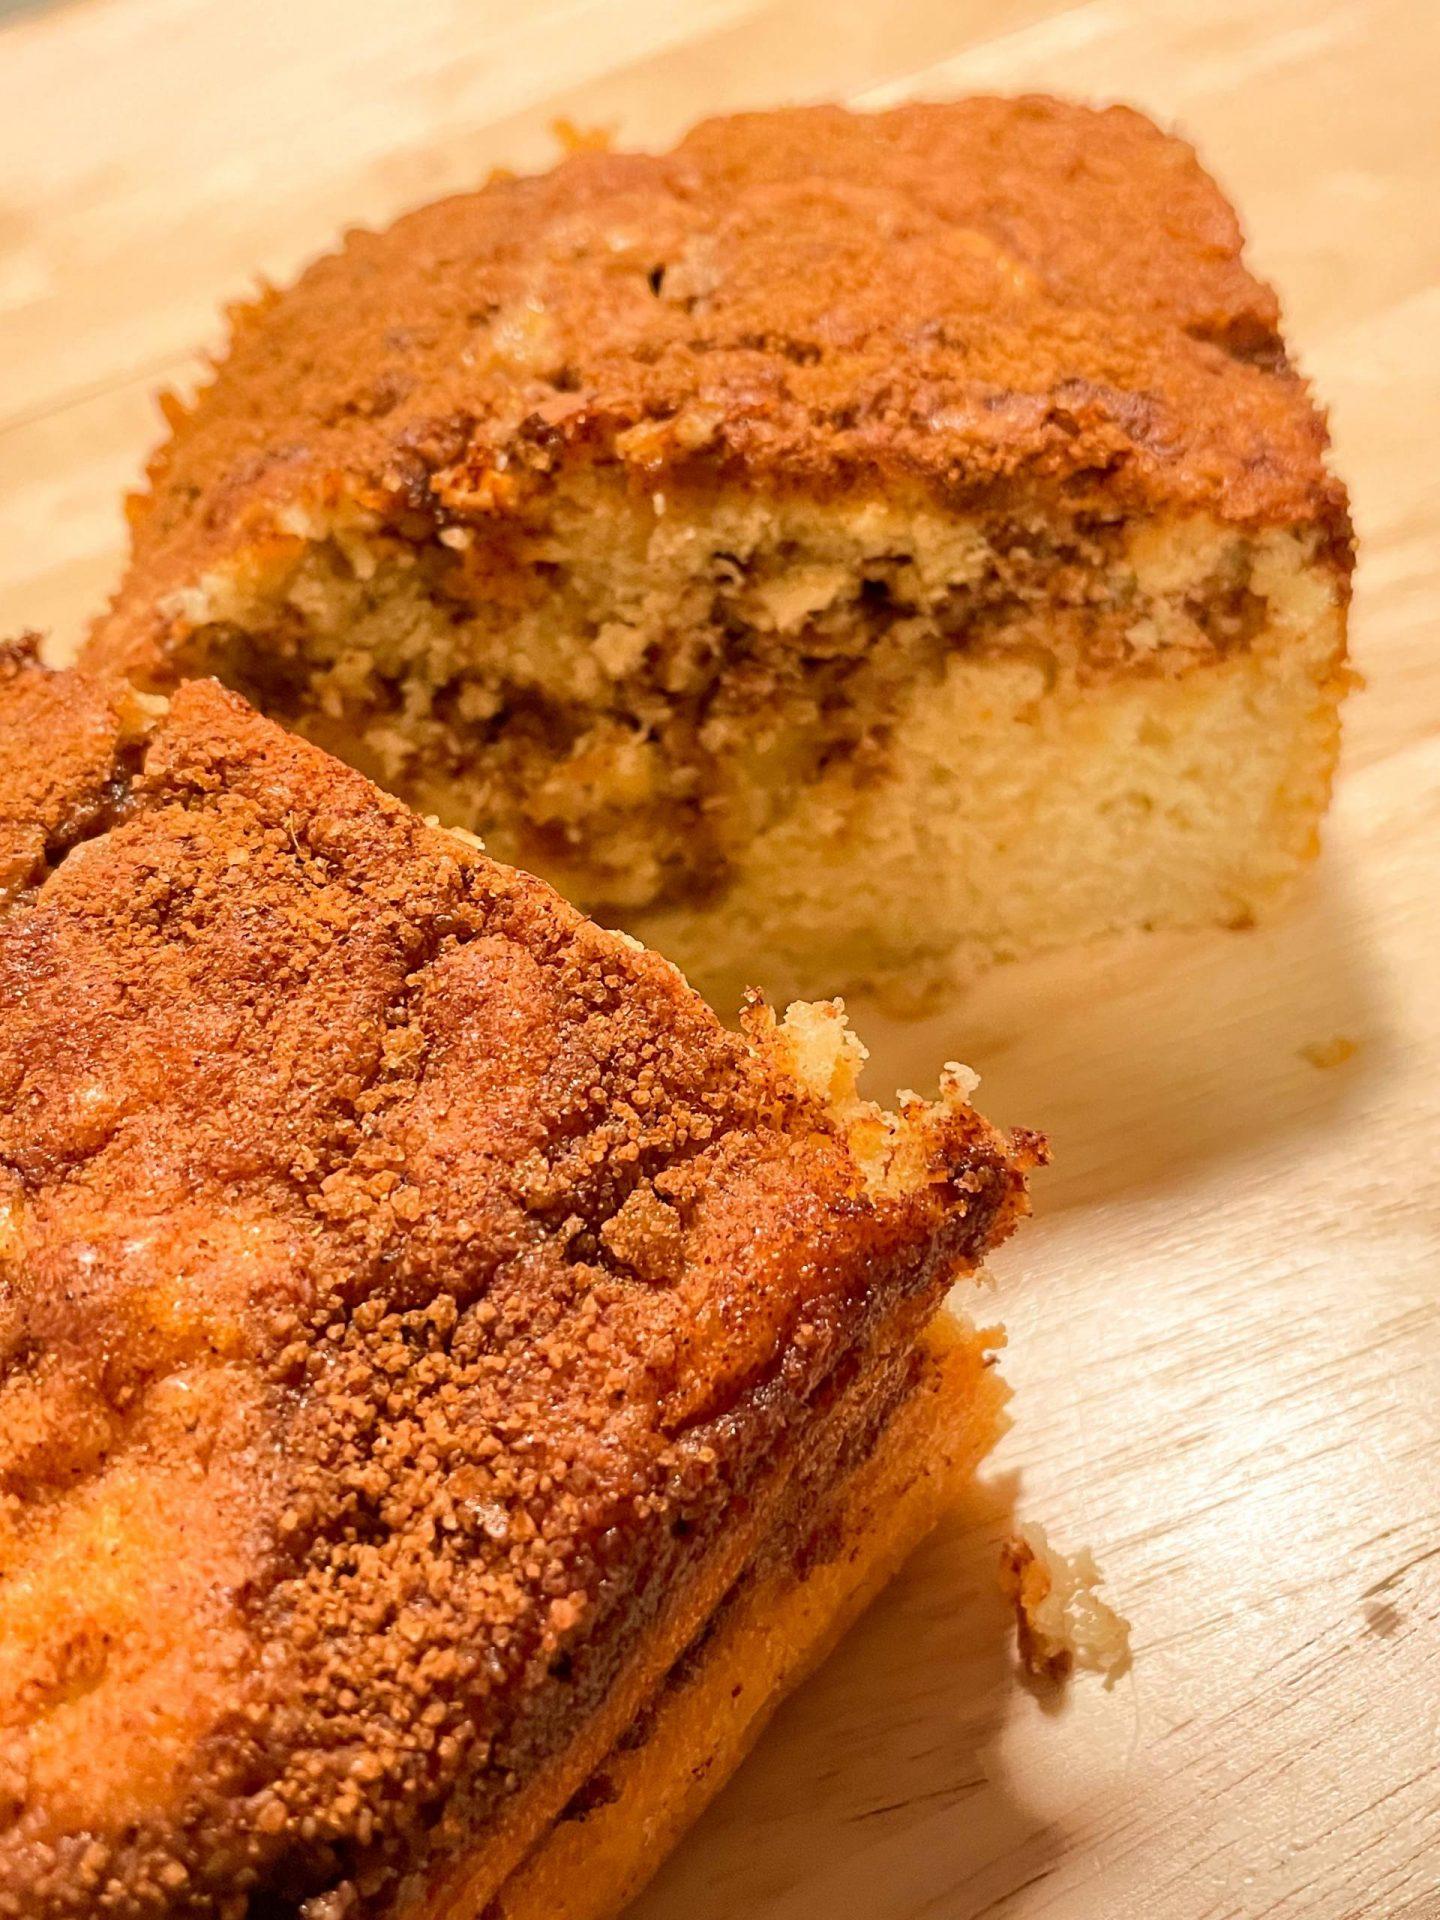 sliced cinnamon apple bread photo